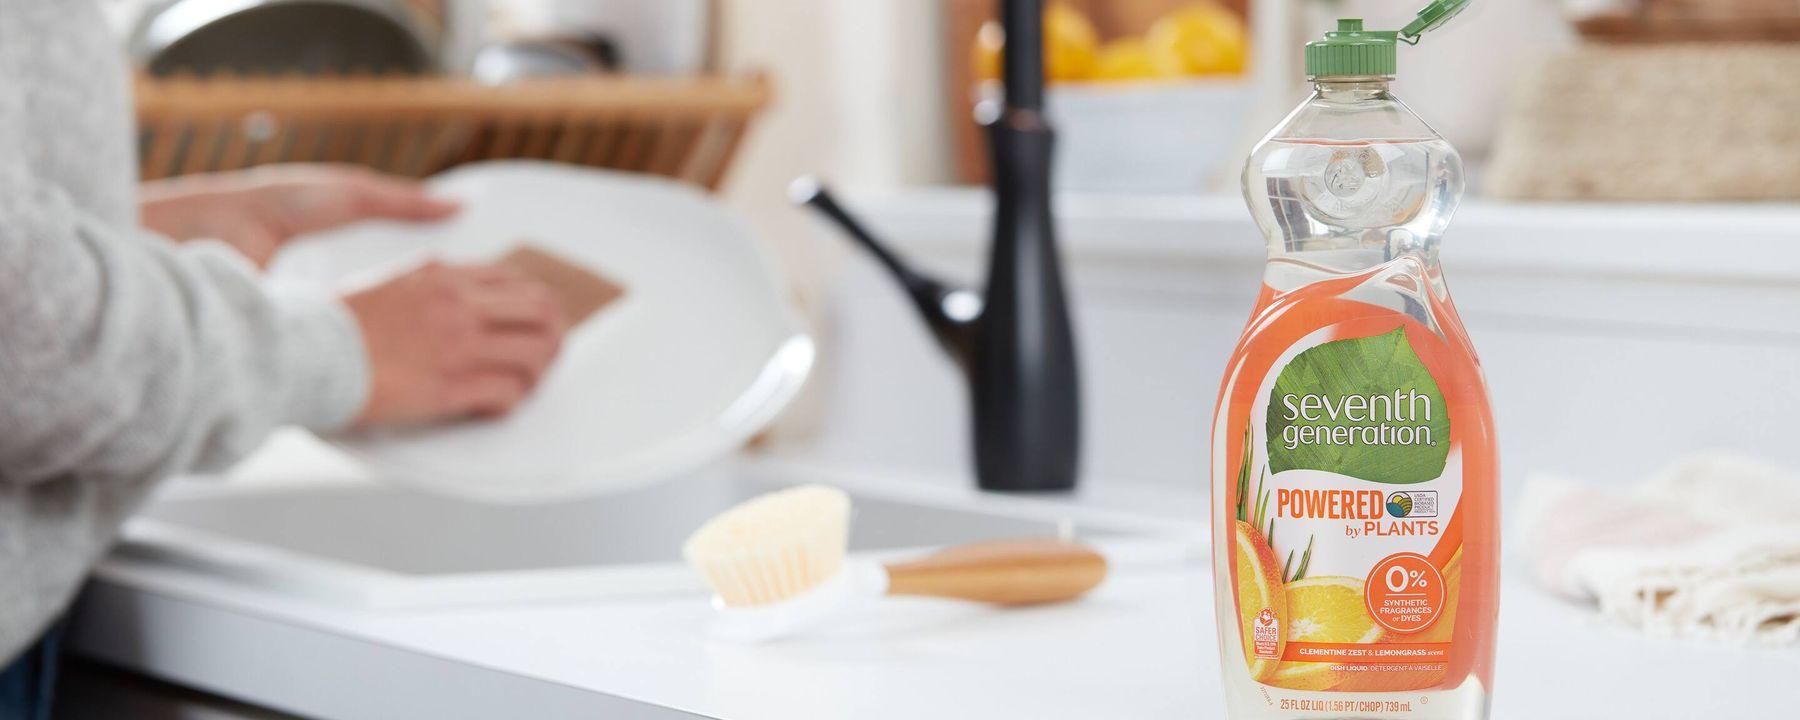 Cách khử mùi nhựa mới mua bằng nước rửa chén